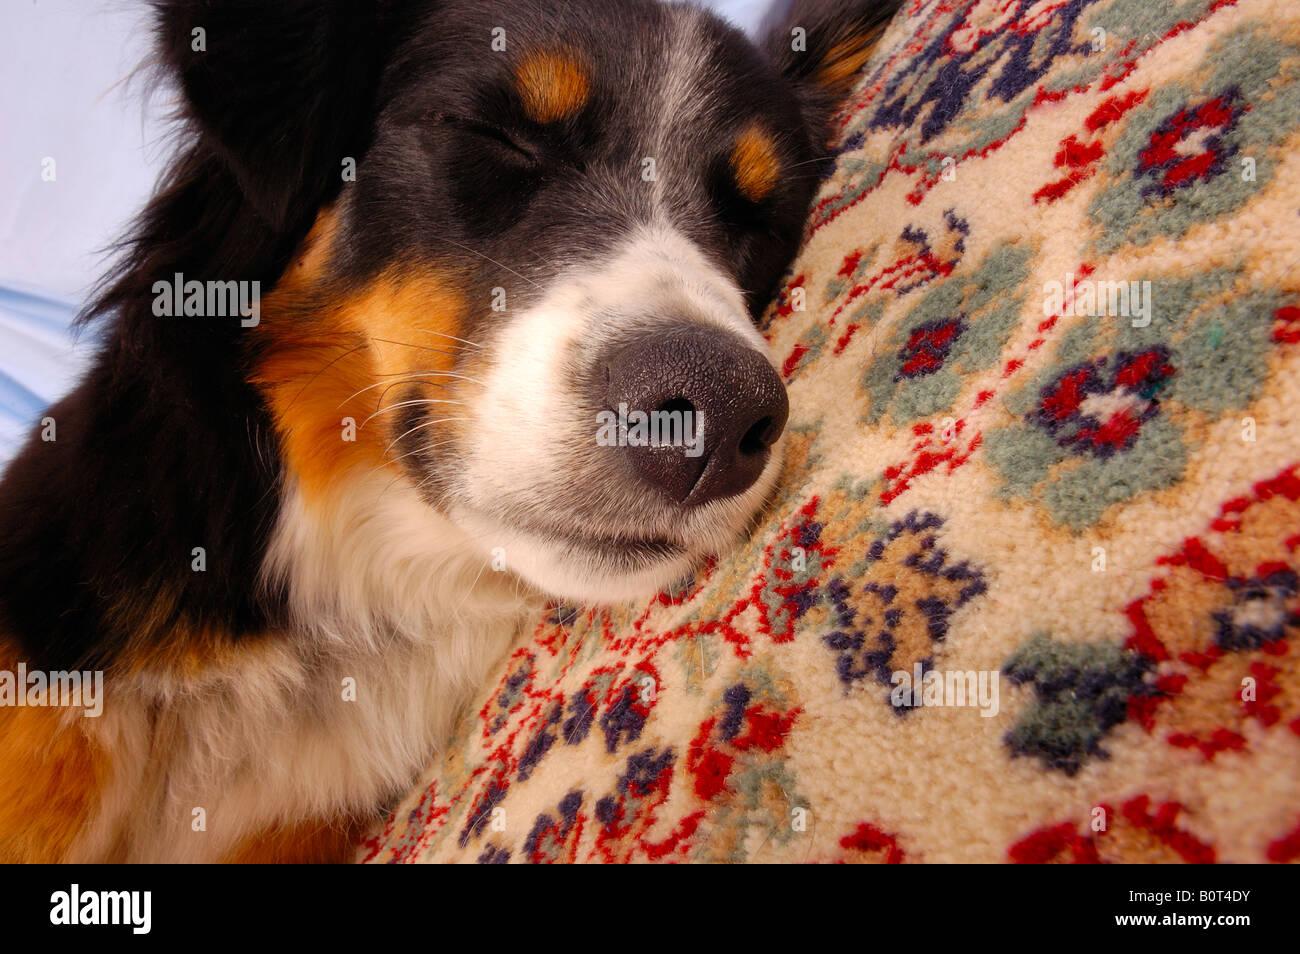 Close up of a dog asleep on a carpet - Stock Image